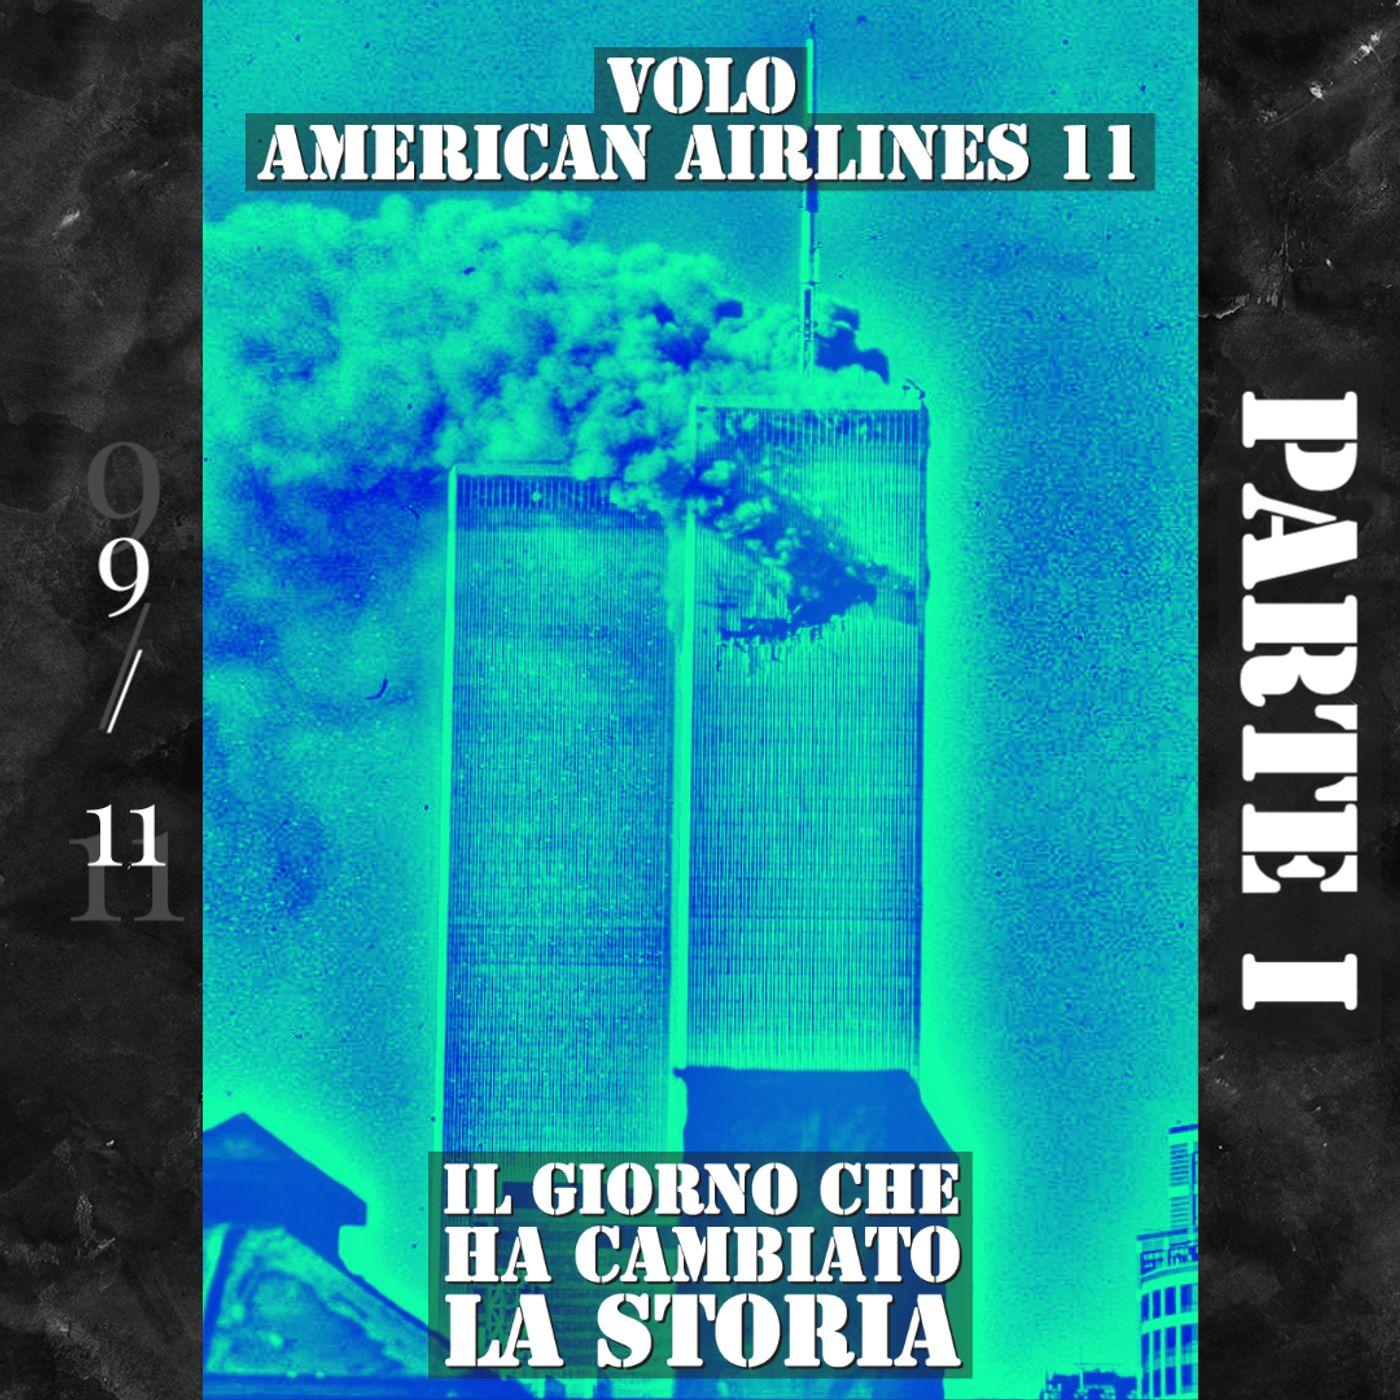 11 Settembre 2001 - PARTE I - Volo American Airlines 11